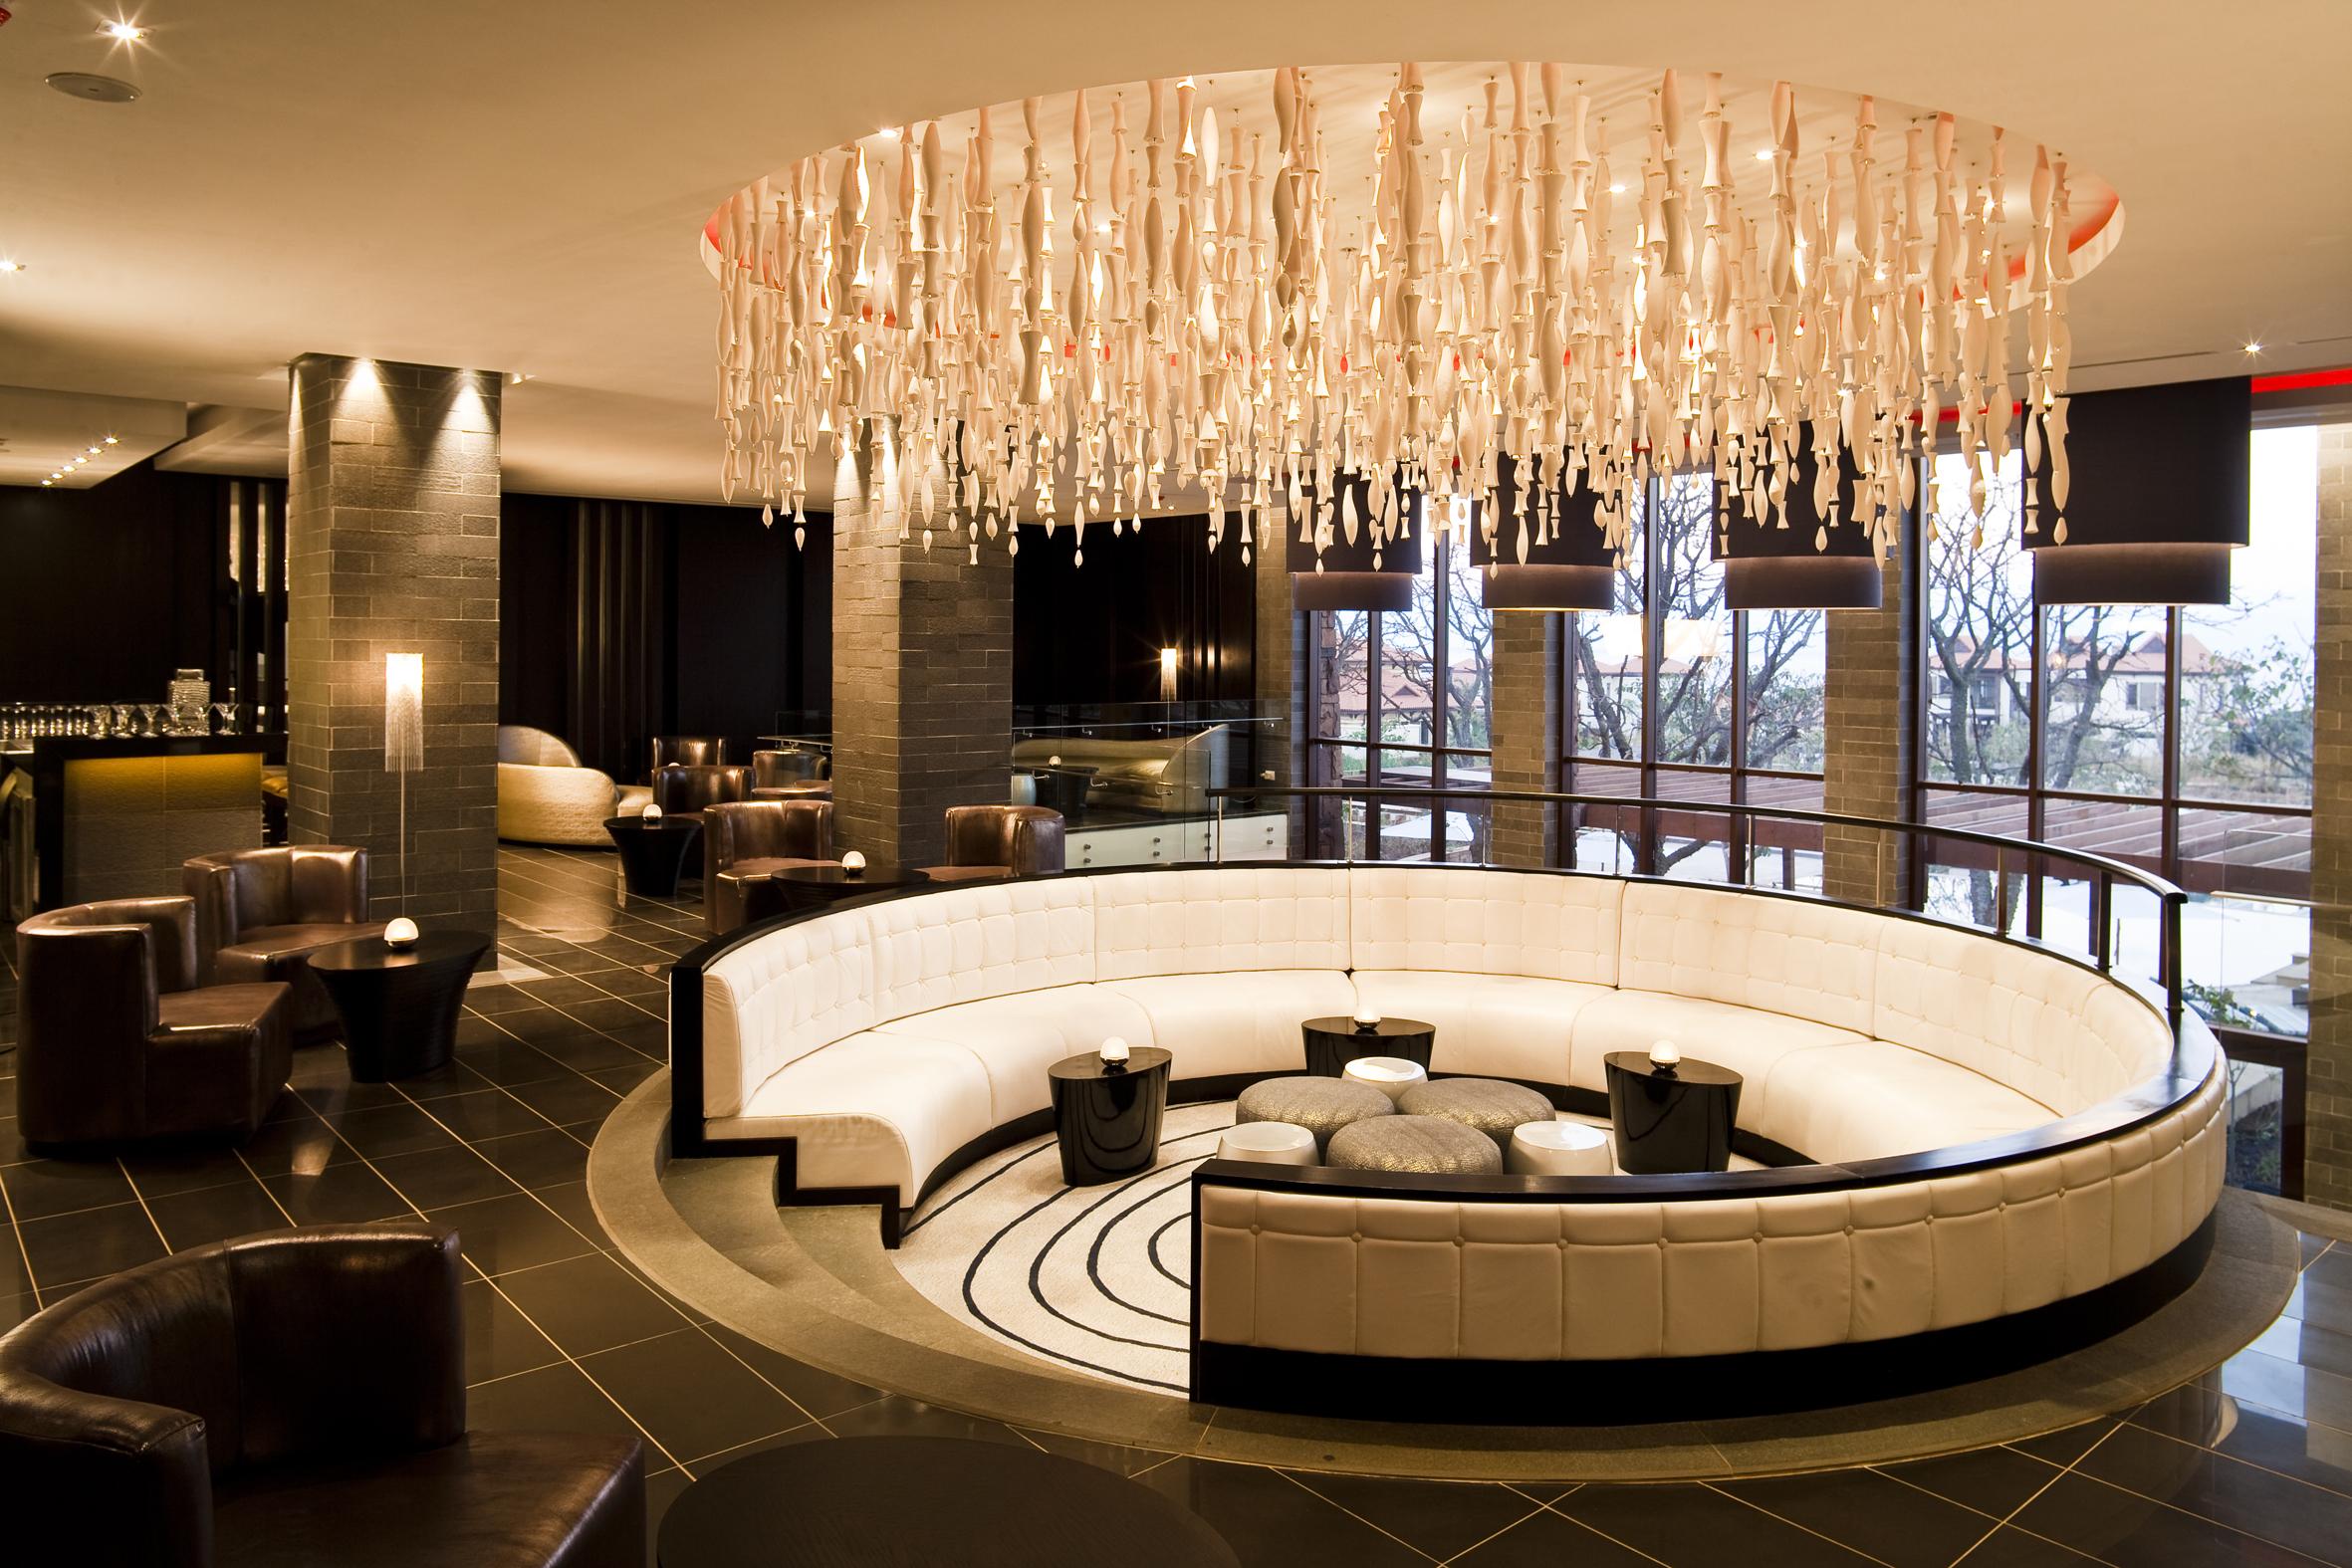 Fairmont Zimbali Resort Rooms